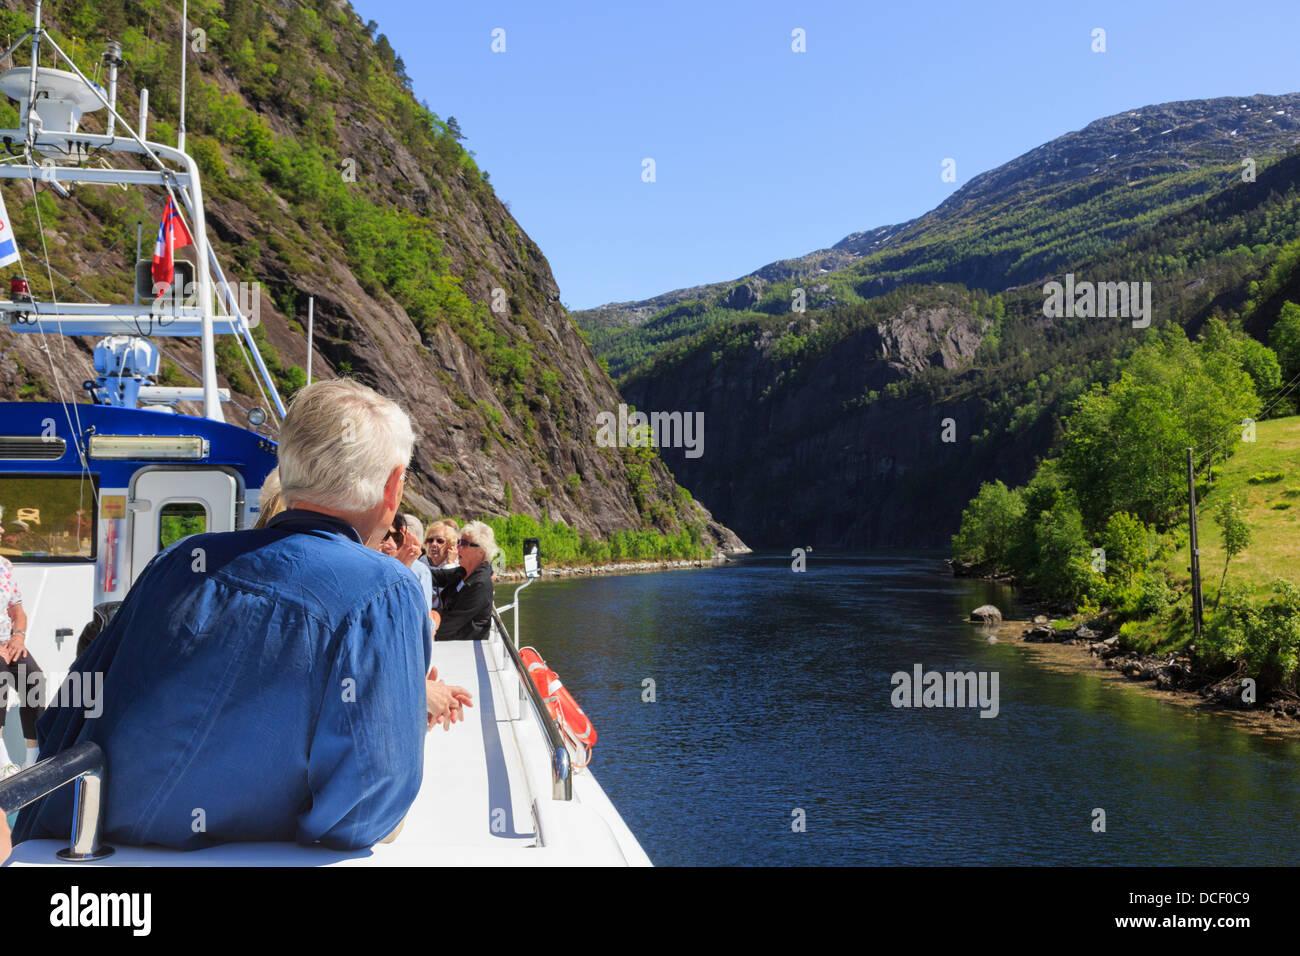 Touristen auf dem Deck ein Sightseeing cruise Boot Segeln entlang der schmalen Mostraumen Mofjorden Fjord. Modalen Stockbild